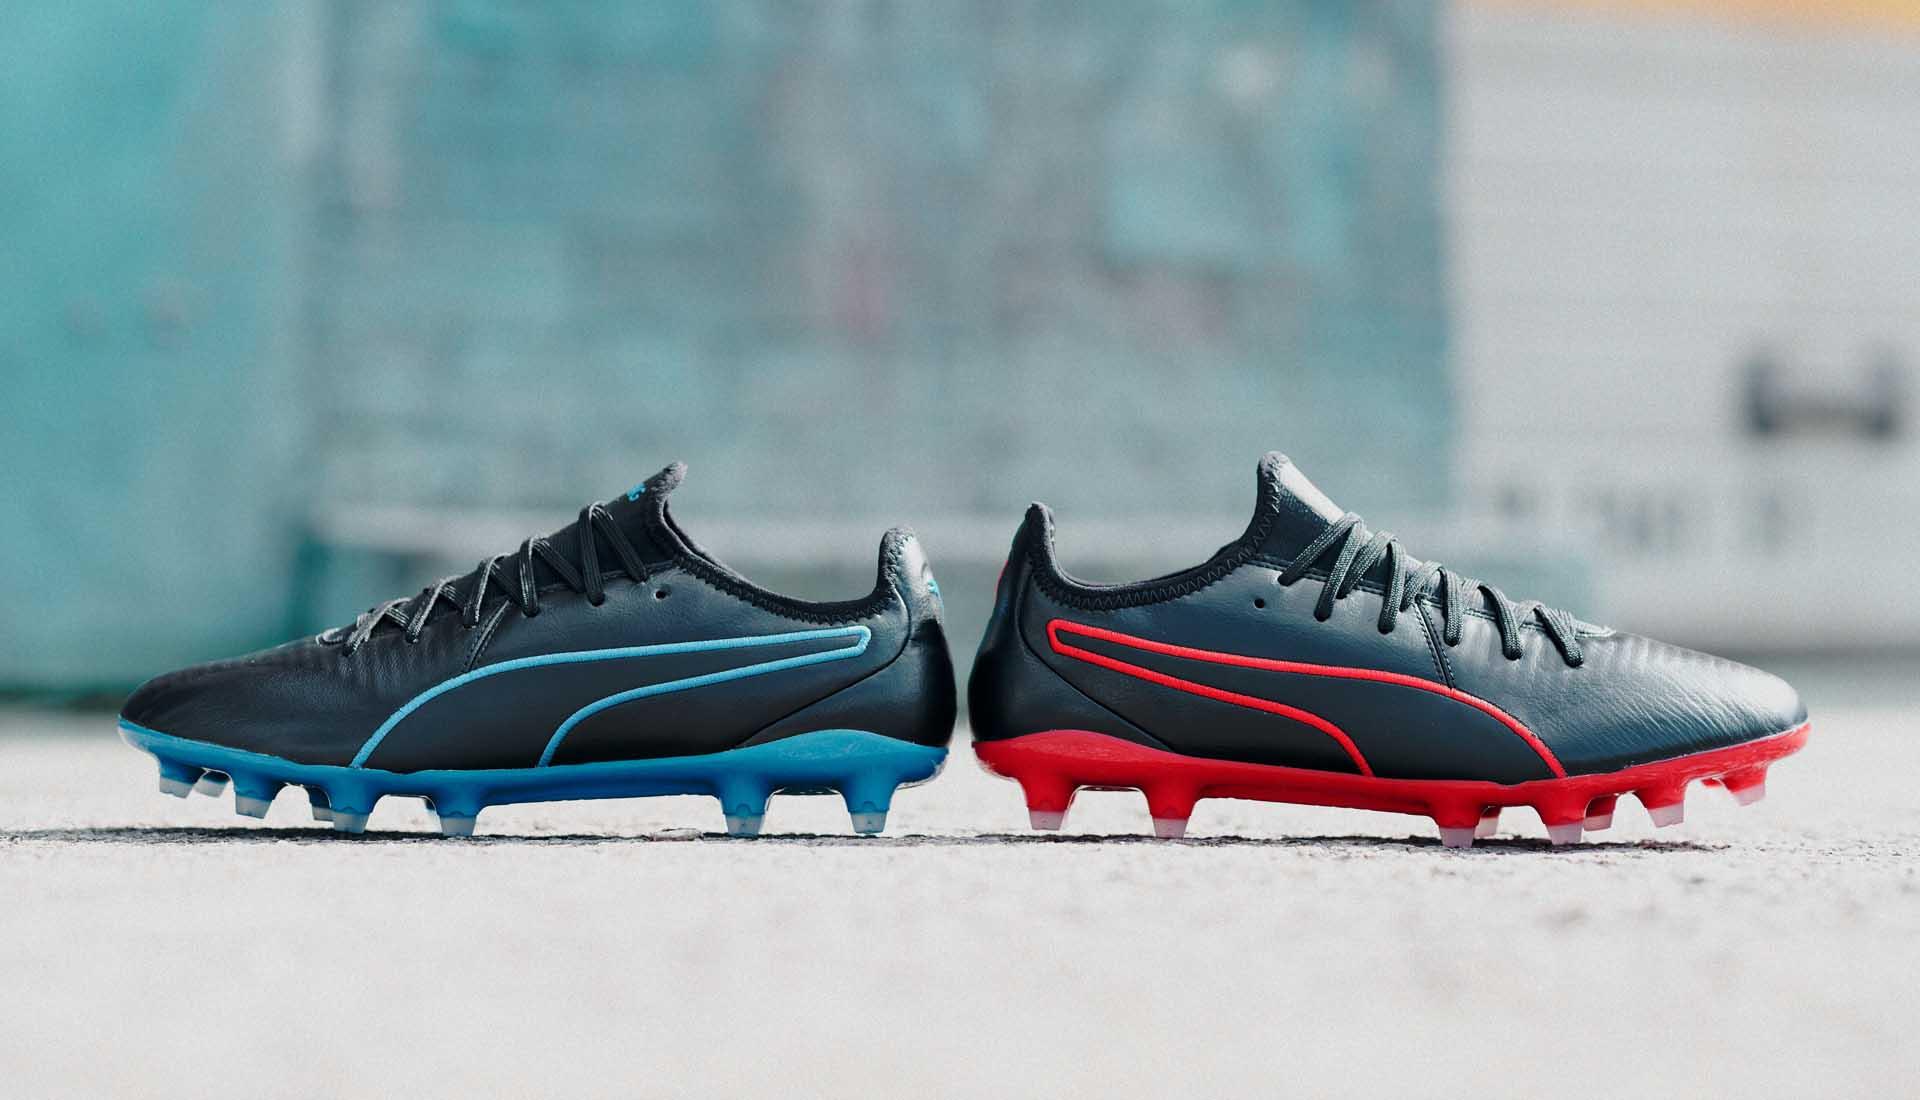 grigio Colla Eccentrico  PUMA Launch Two Exclusive King Pro Colourways - SoccerBible